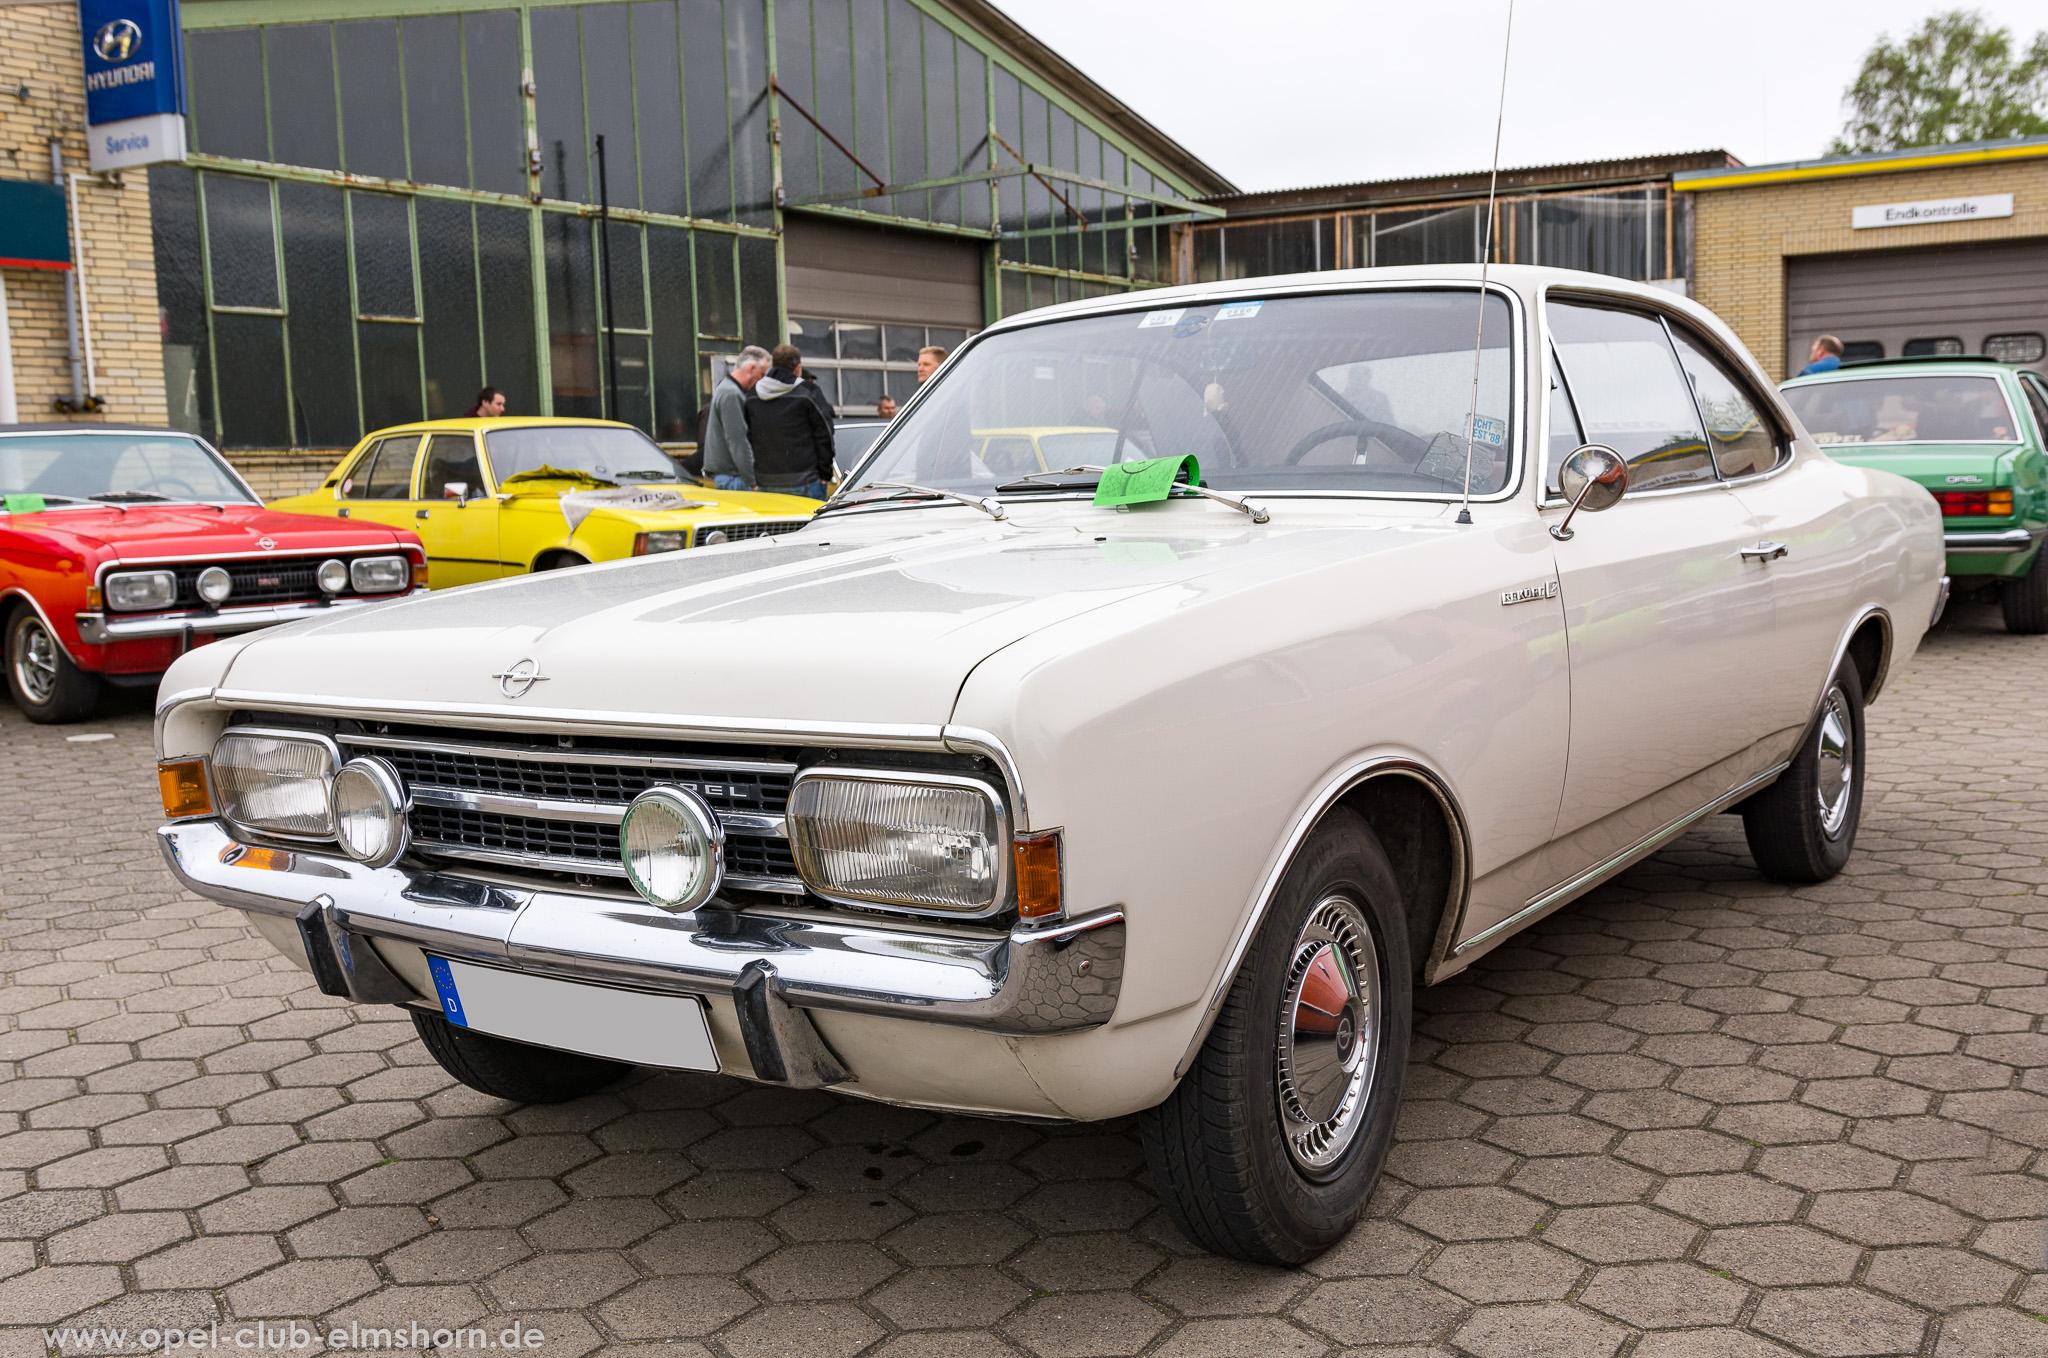 Altopeltreffen Wedel 2019 - 20190501_113111 - Opel Rekord C